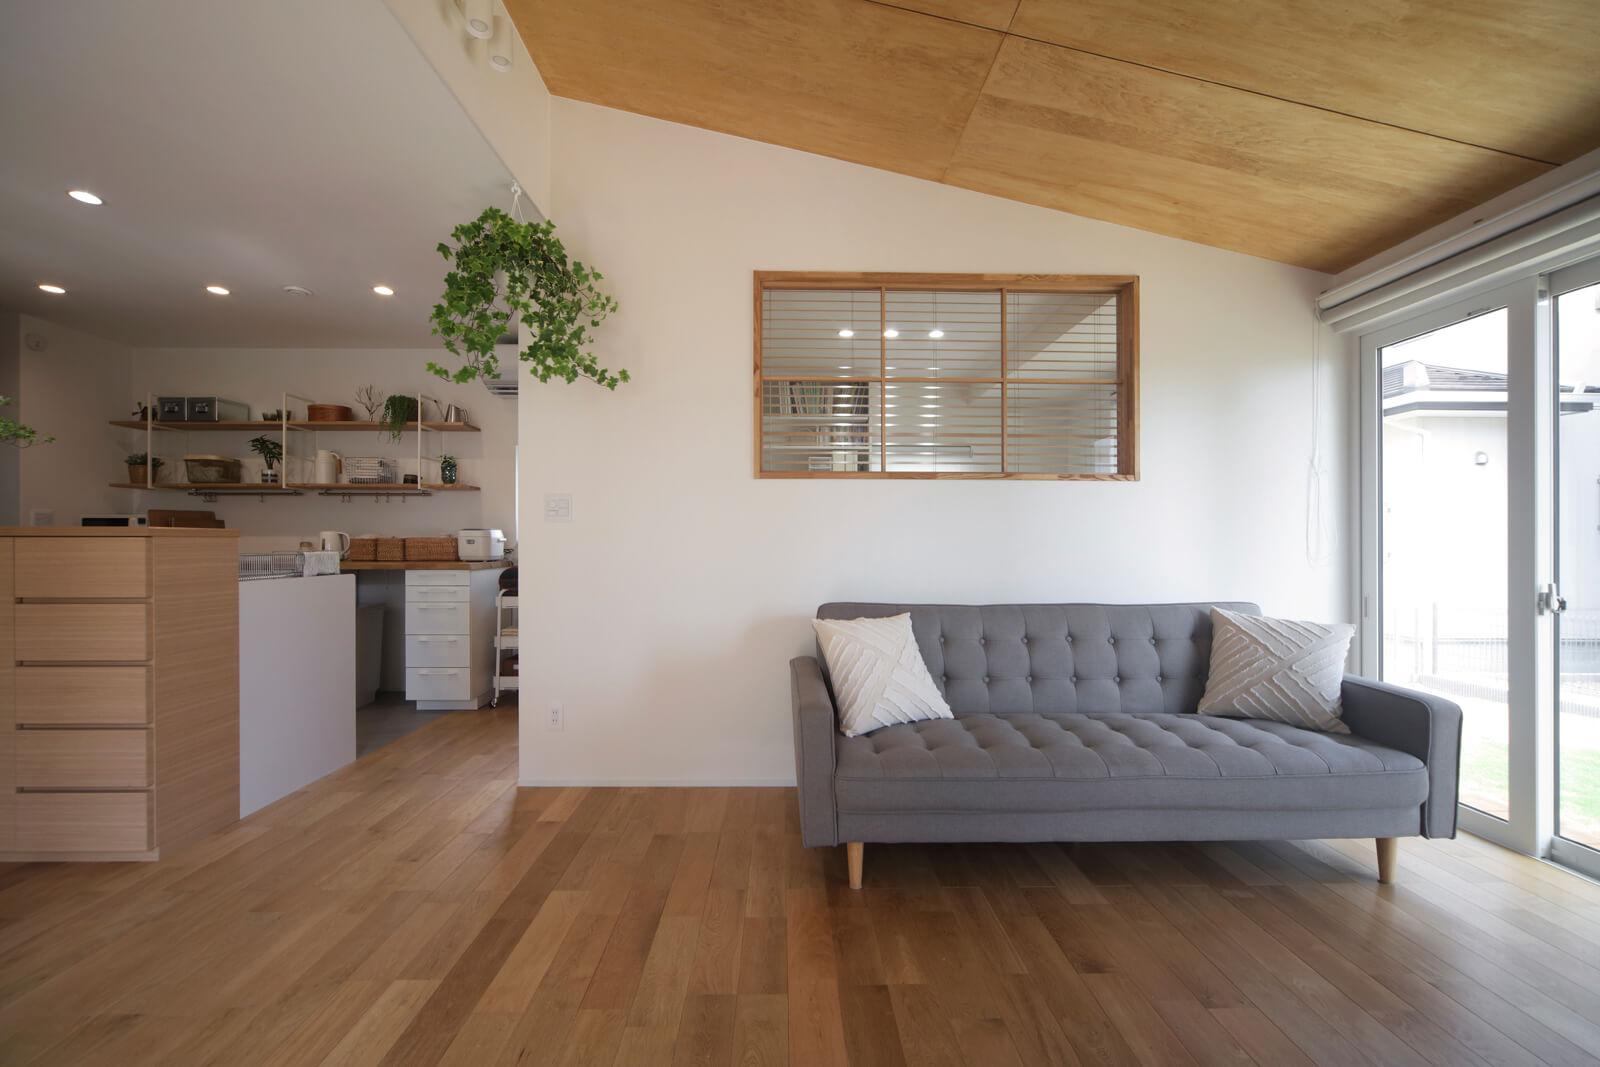 リビングと洋室の間に取り付けた木枠の内窓がおしゃれ。勾配天井はシナベニヤ張りにしてナチュラルな風合いを演出